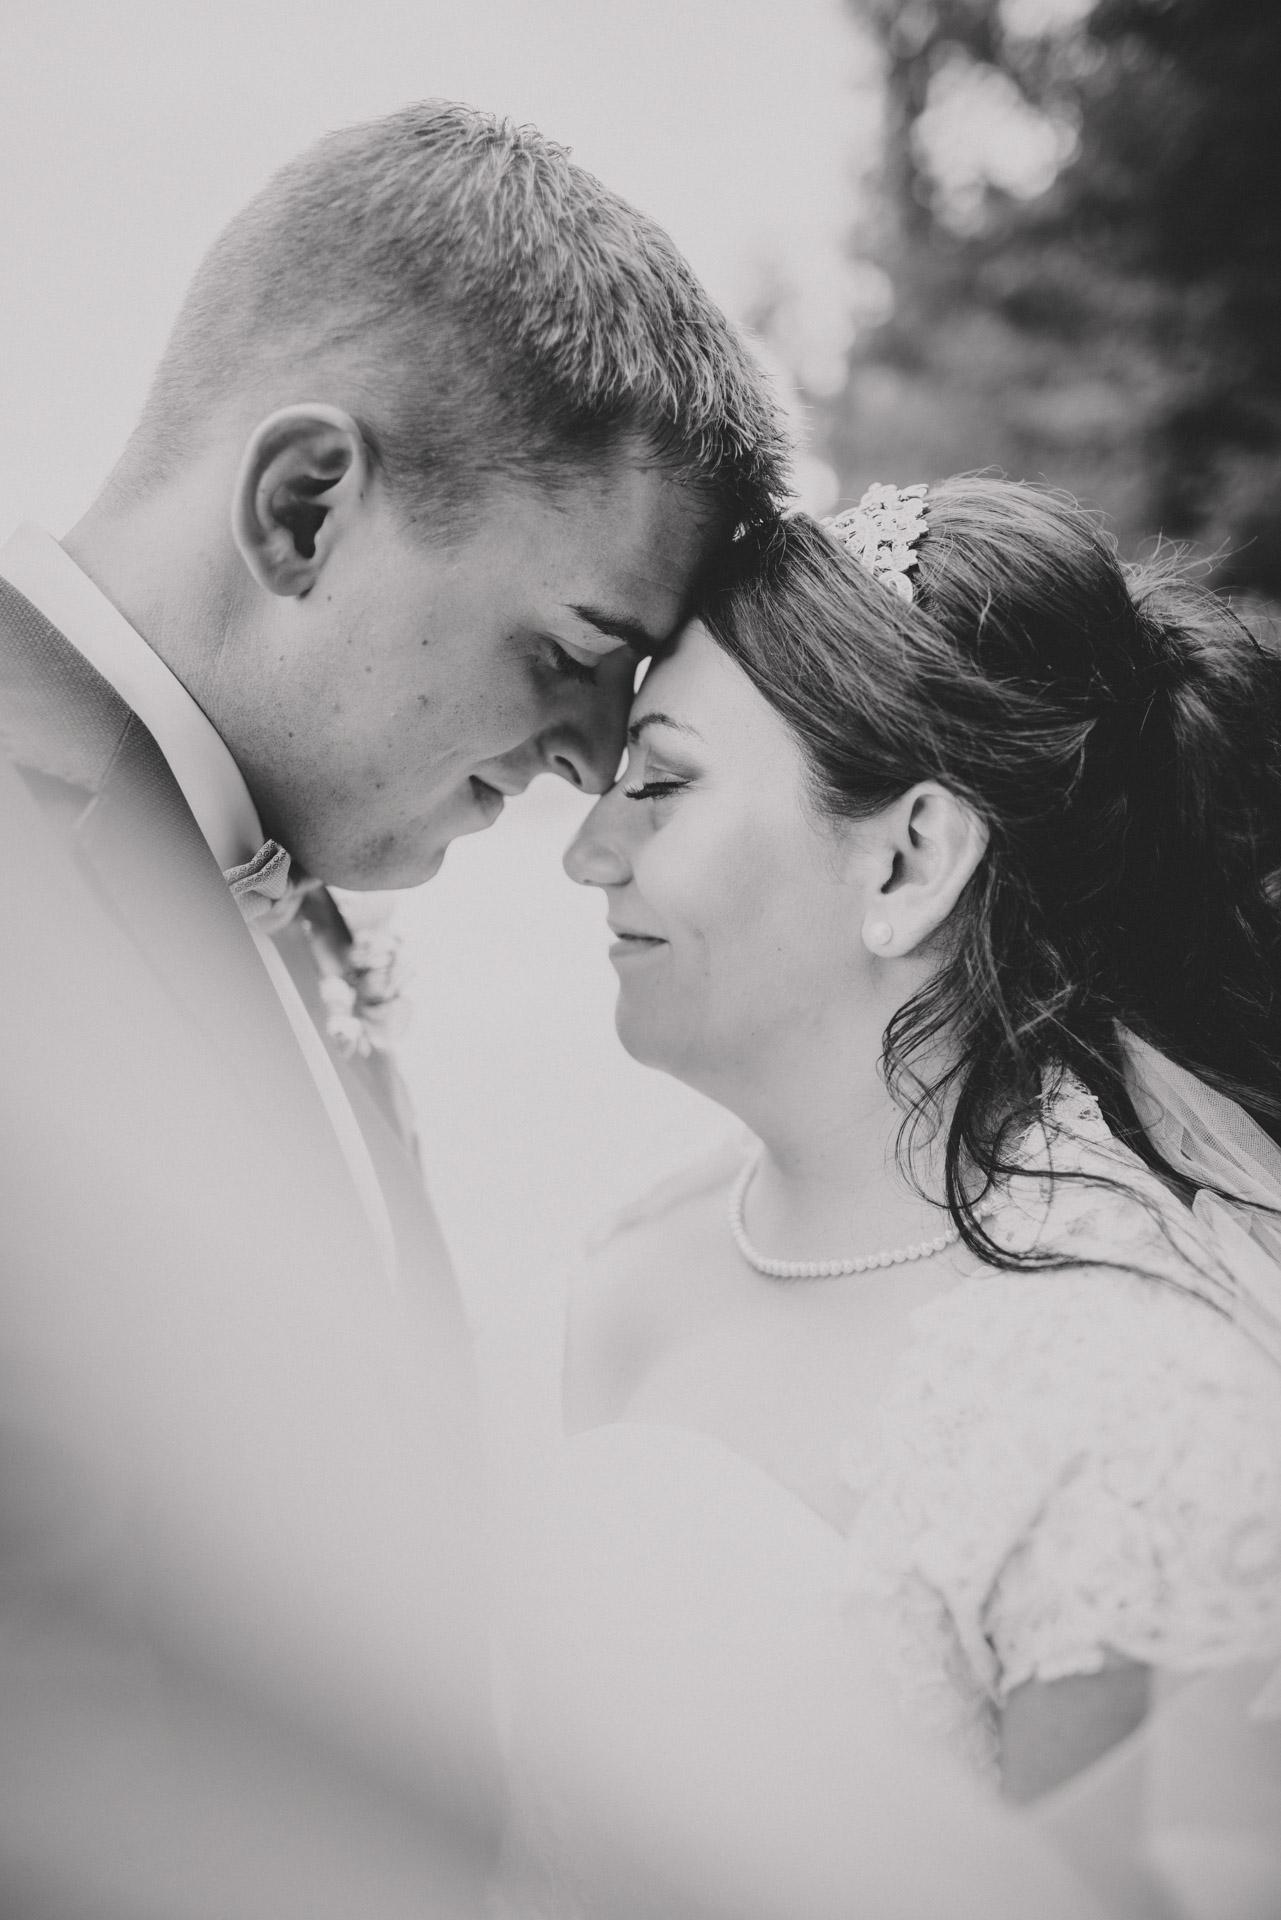 Seehotel, Herzfotografie, Hochzeitsfotografie, Fotograf Hochzeit Brombachsee, Fotograf Hochzeit Herzogenaurach